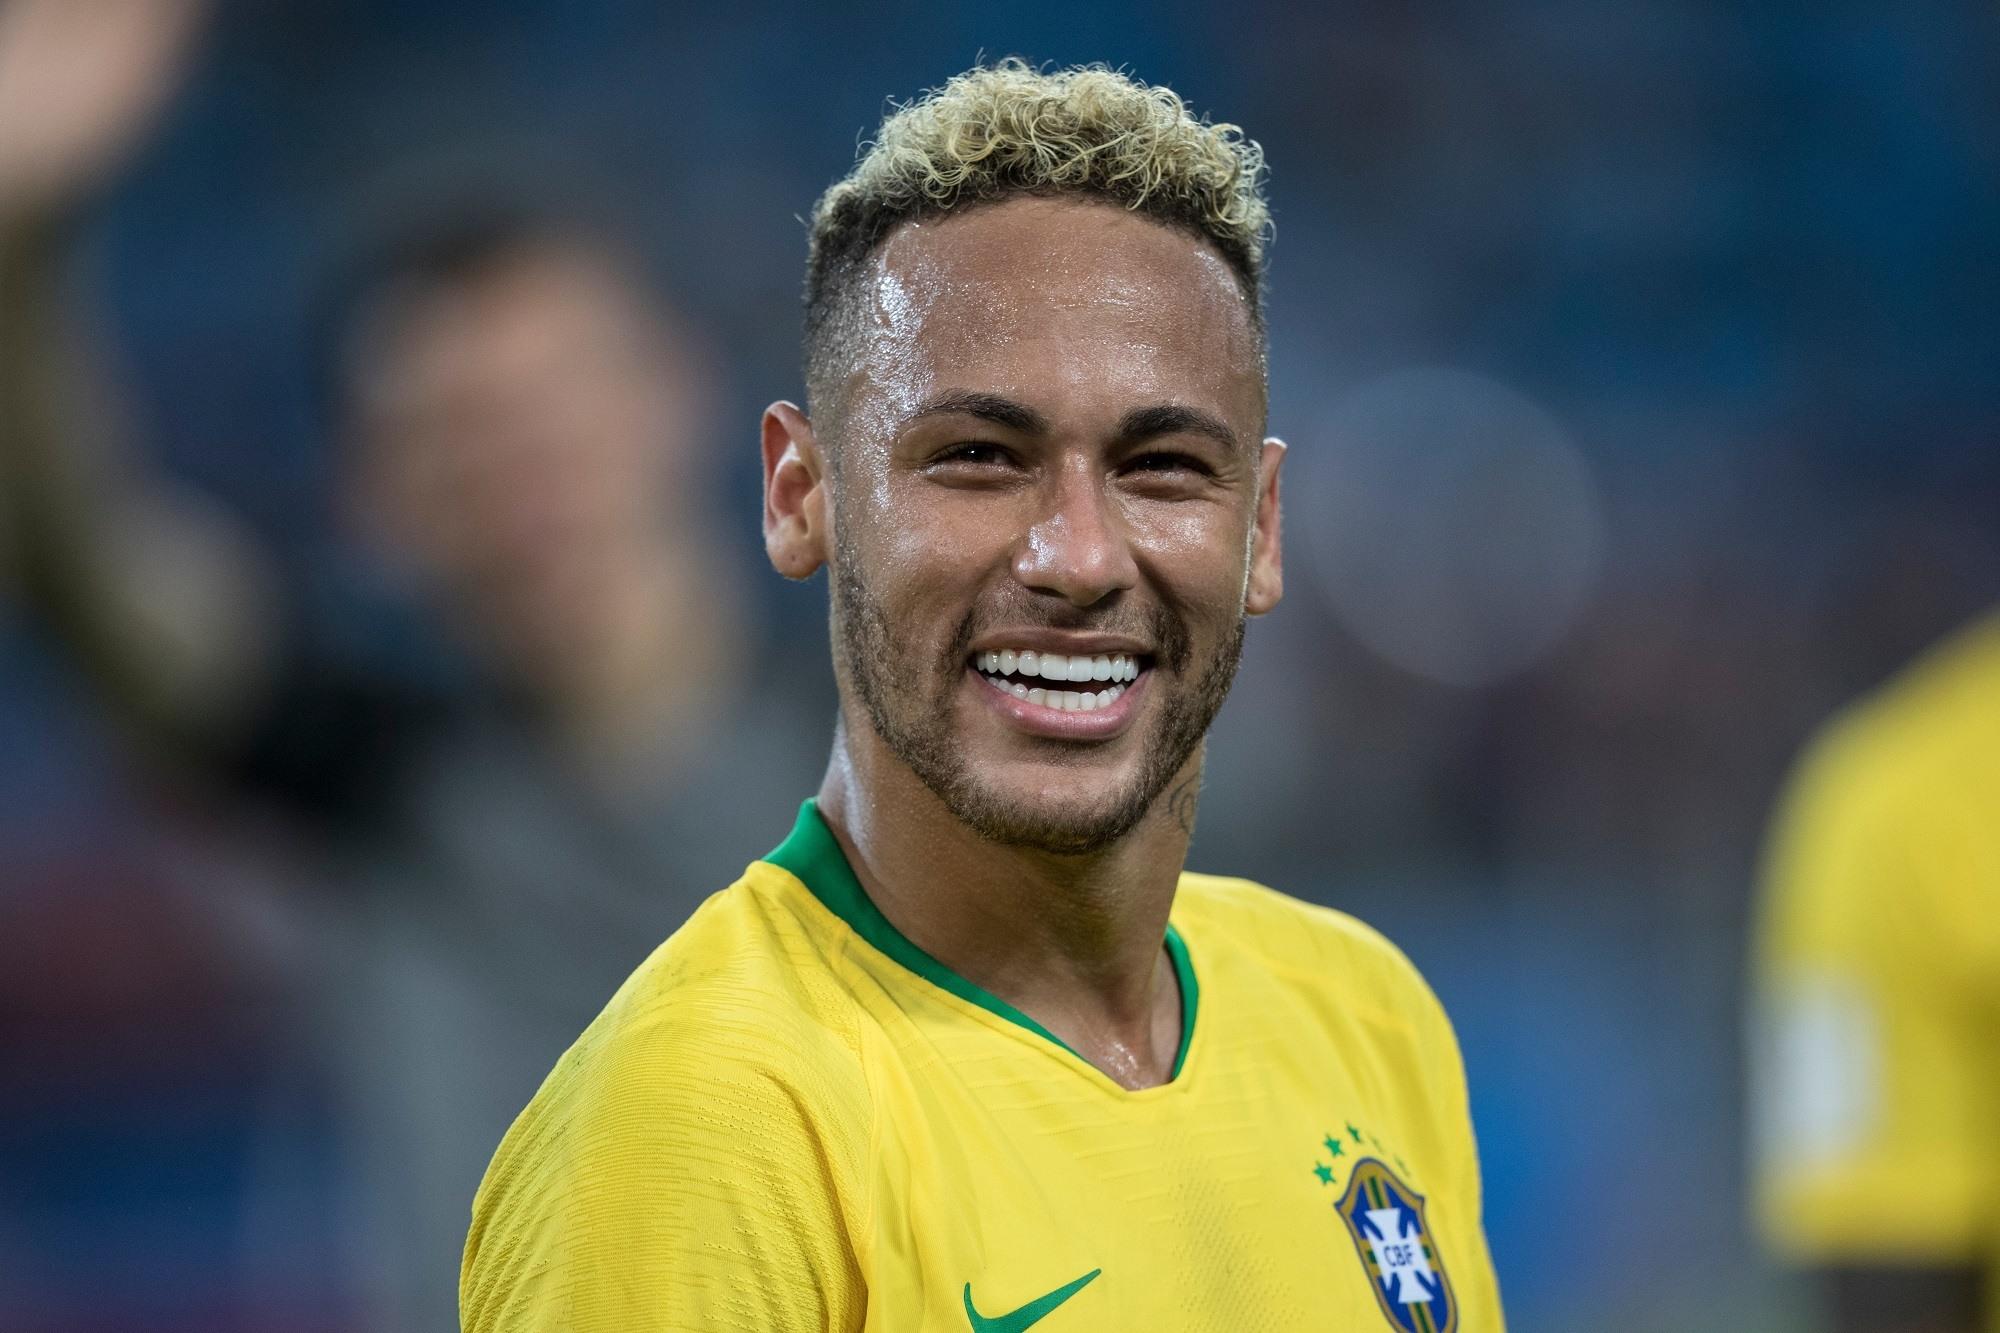 Gaya rambut faux hawk pesepak bola Neymar